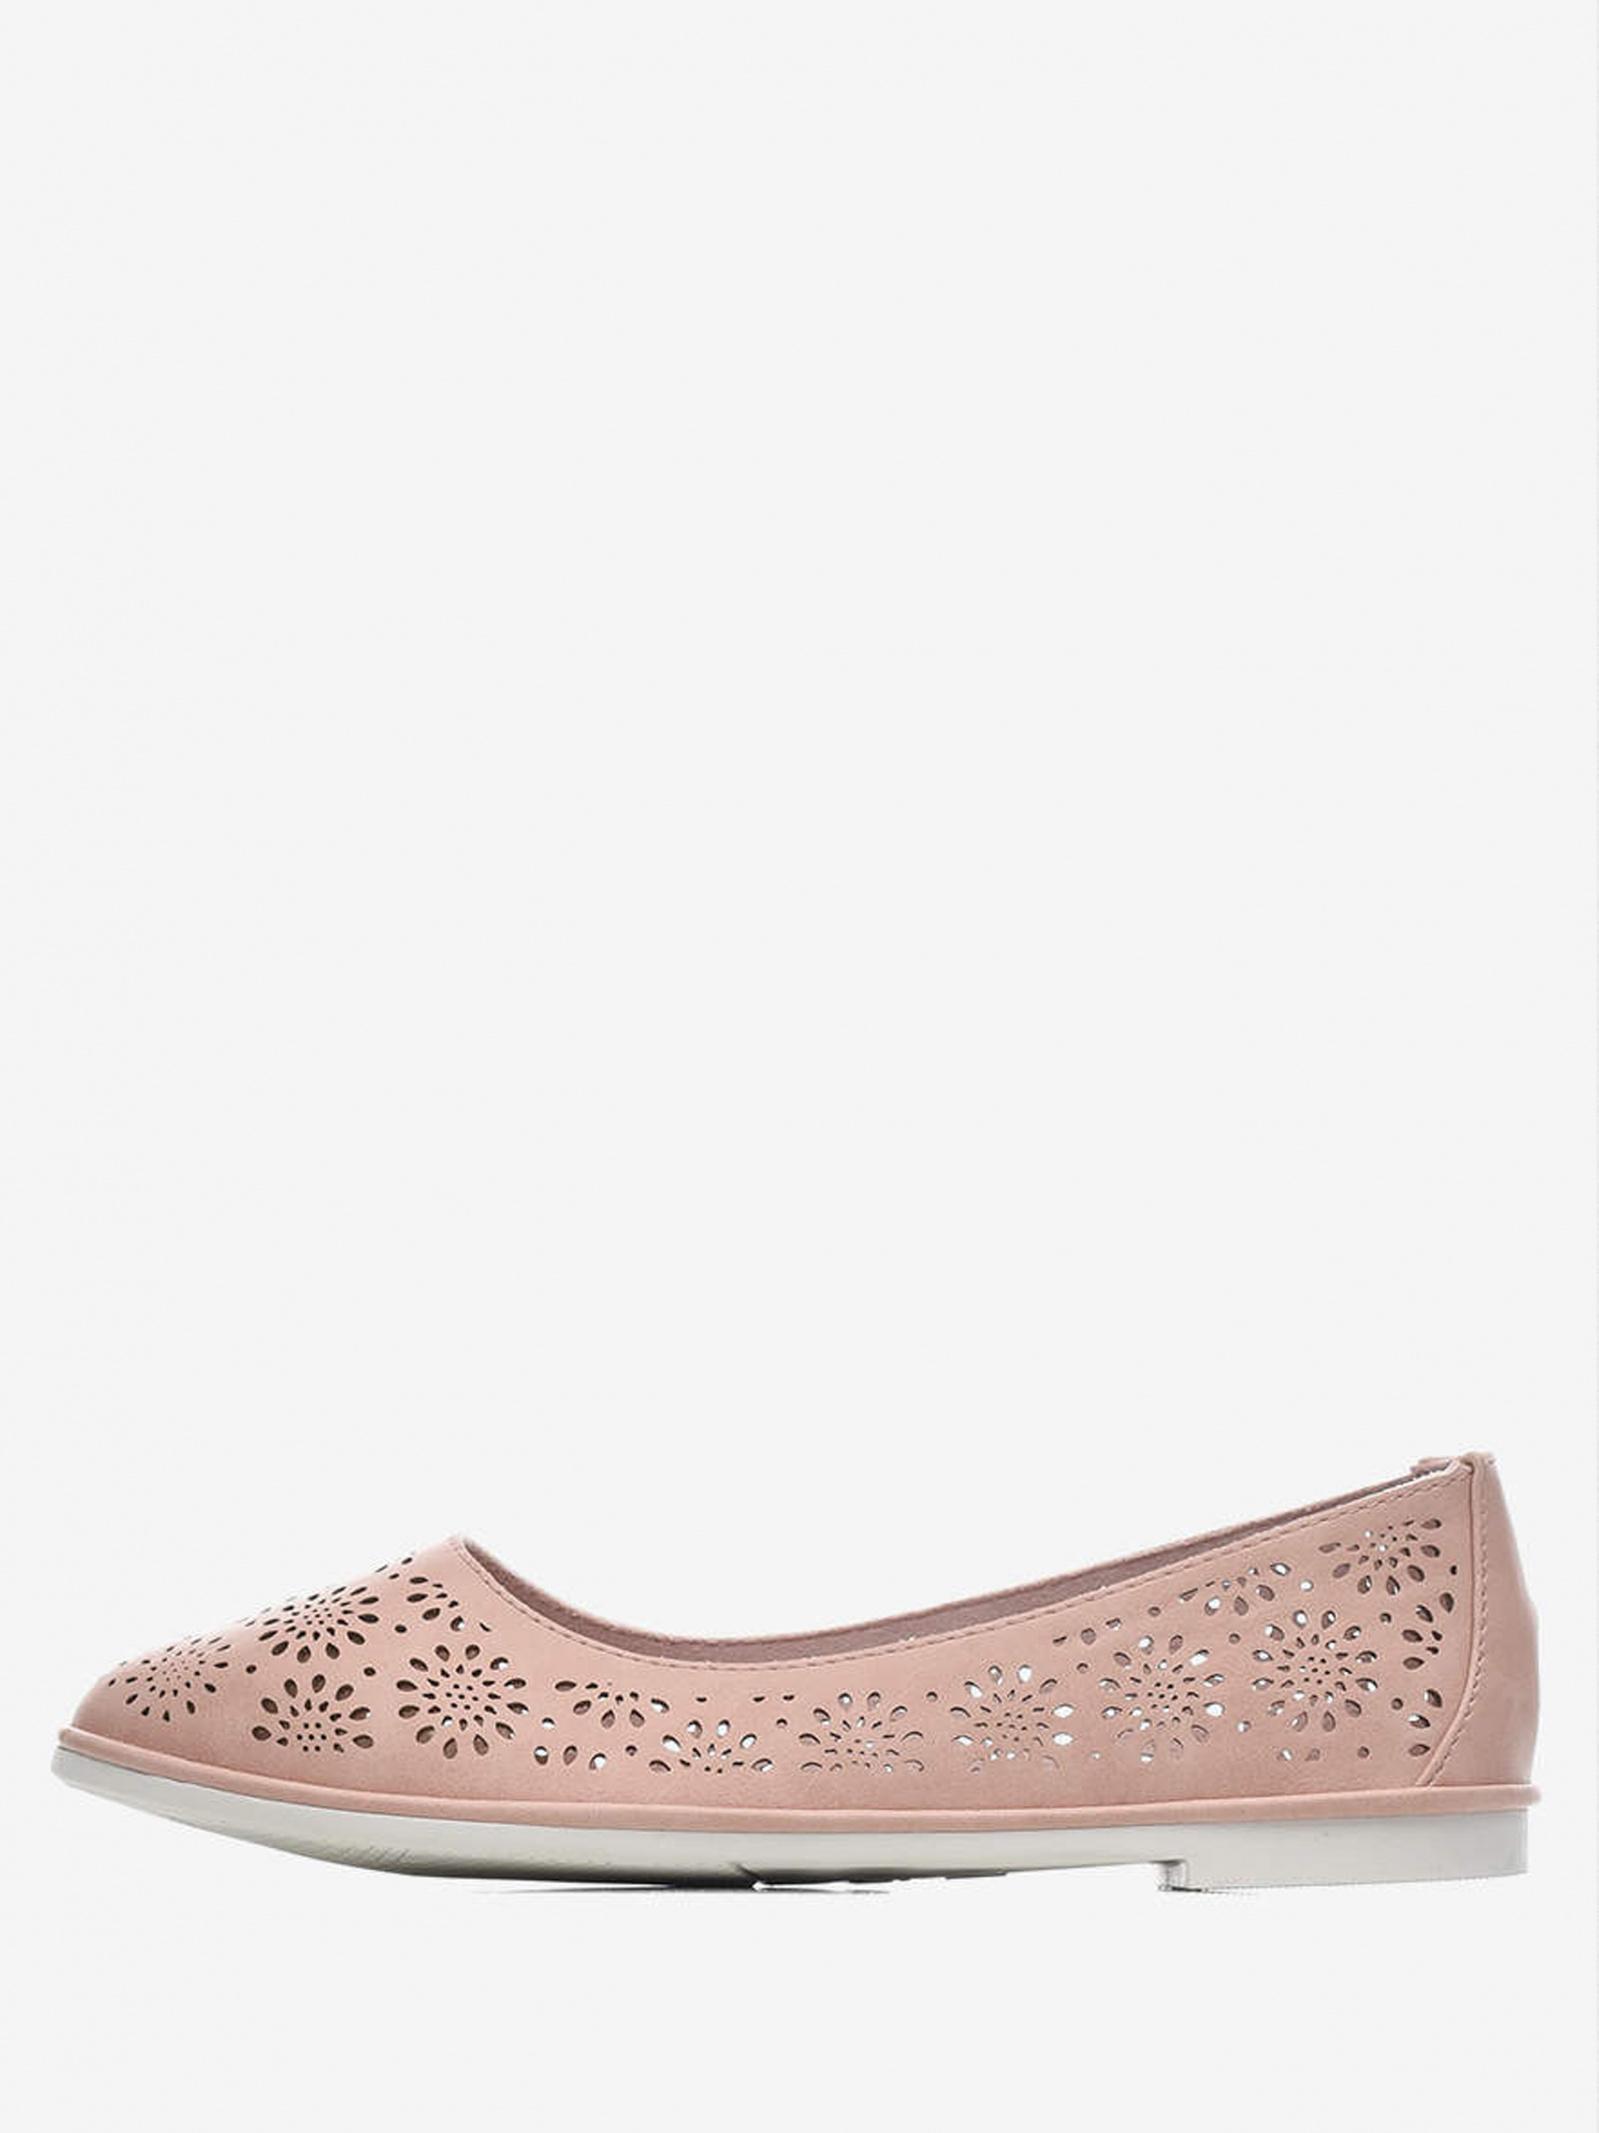 Балетки  для жінок Betsy 907012/01-02 модне взуття, 2017